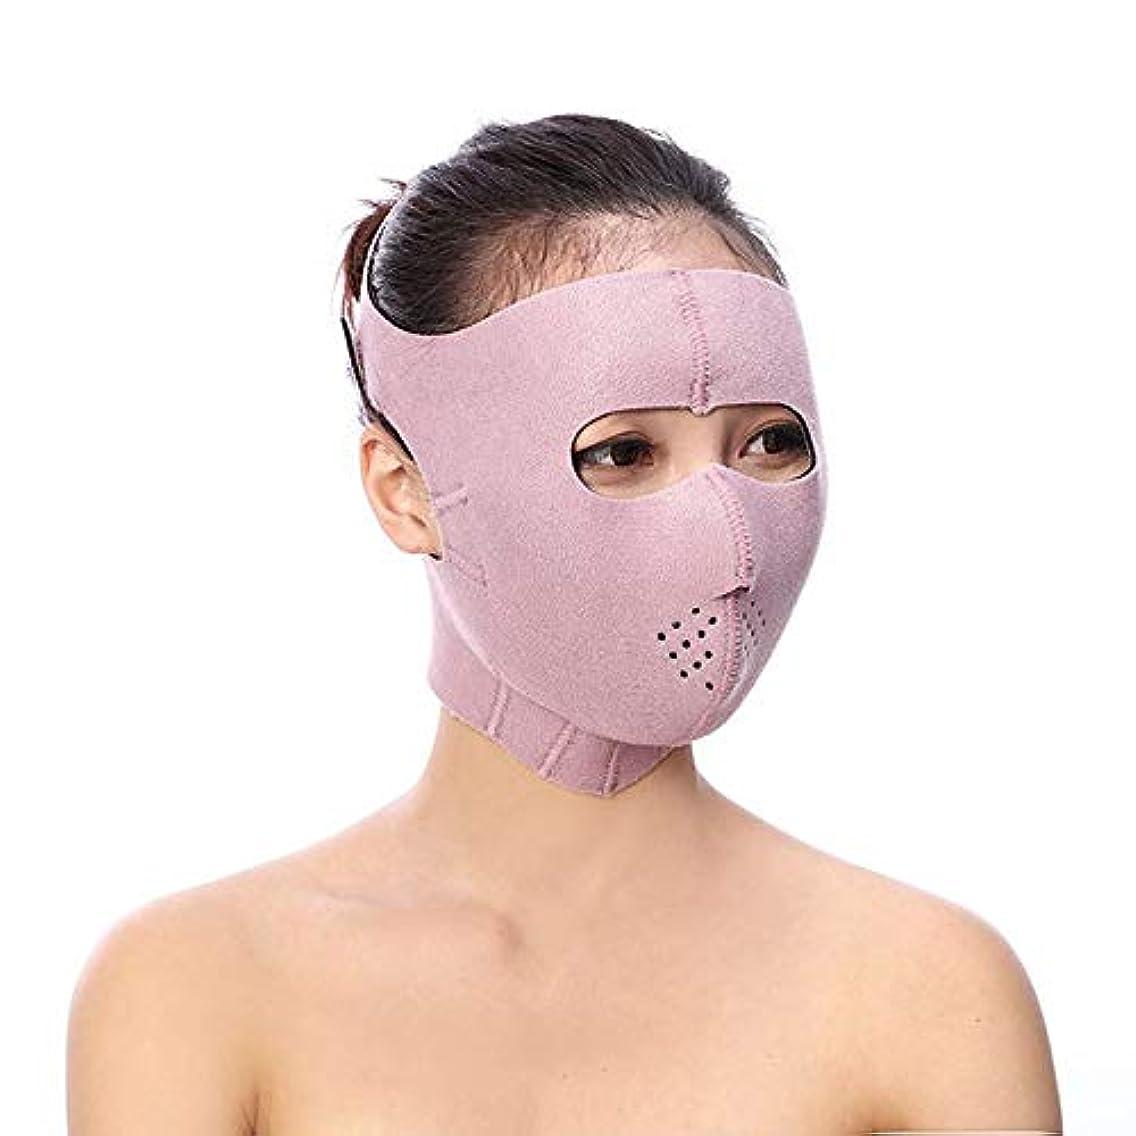 しゃがむ守銭奴歩き回るXINGZHE フェイシャルリフティング痩身ベルト - Vフェイス包帯マスクフェイシャルマッサージャー無料の薄いフェイス包帯整形マスクを引き締める顔と首の顔スリム フェイスリフティングベルト